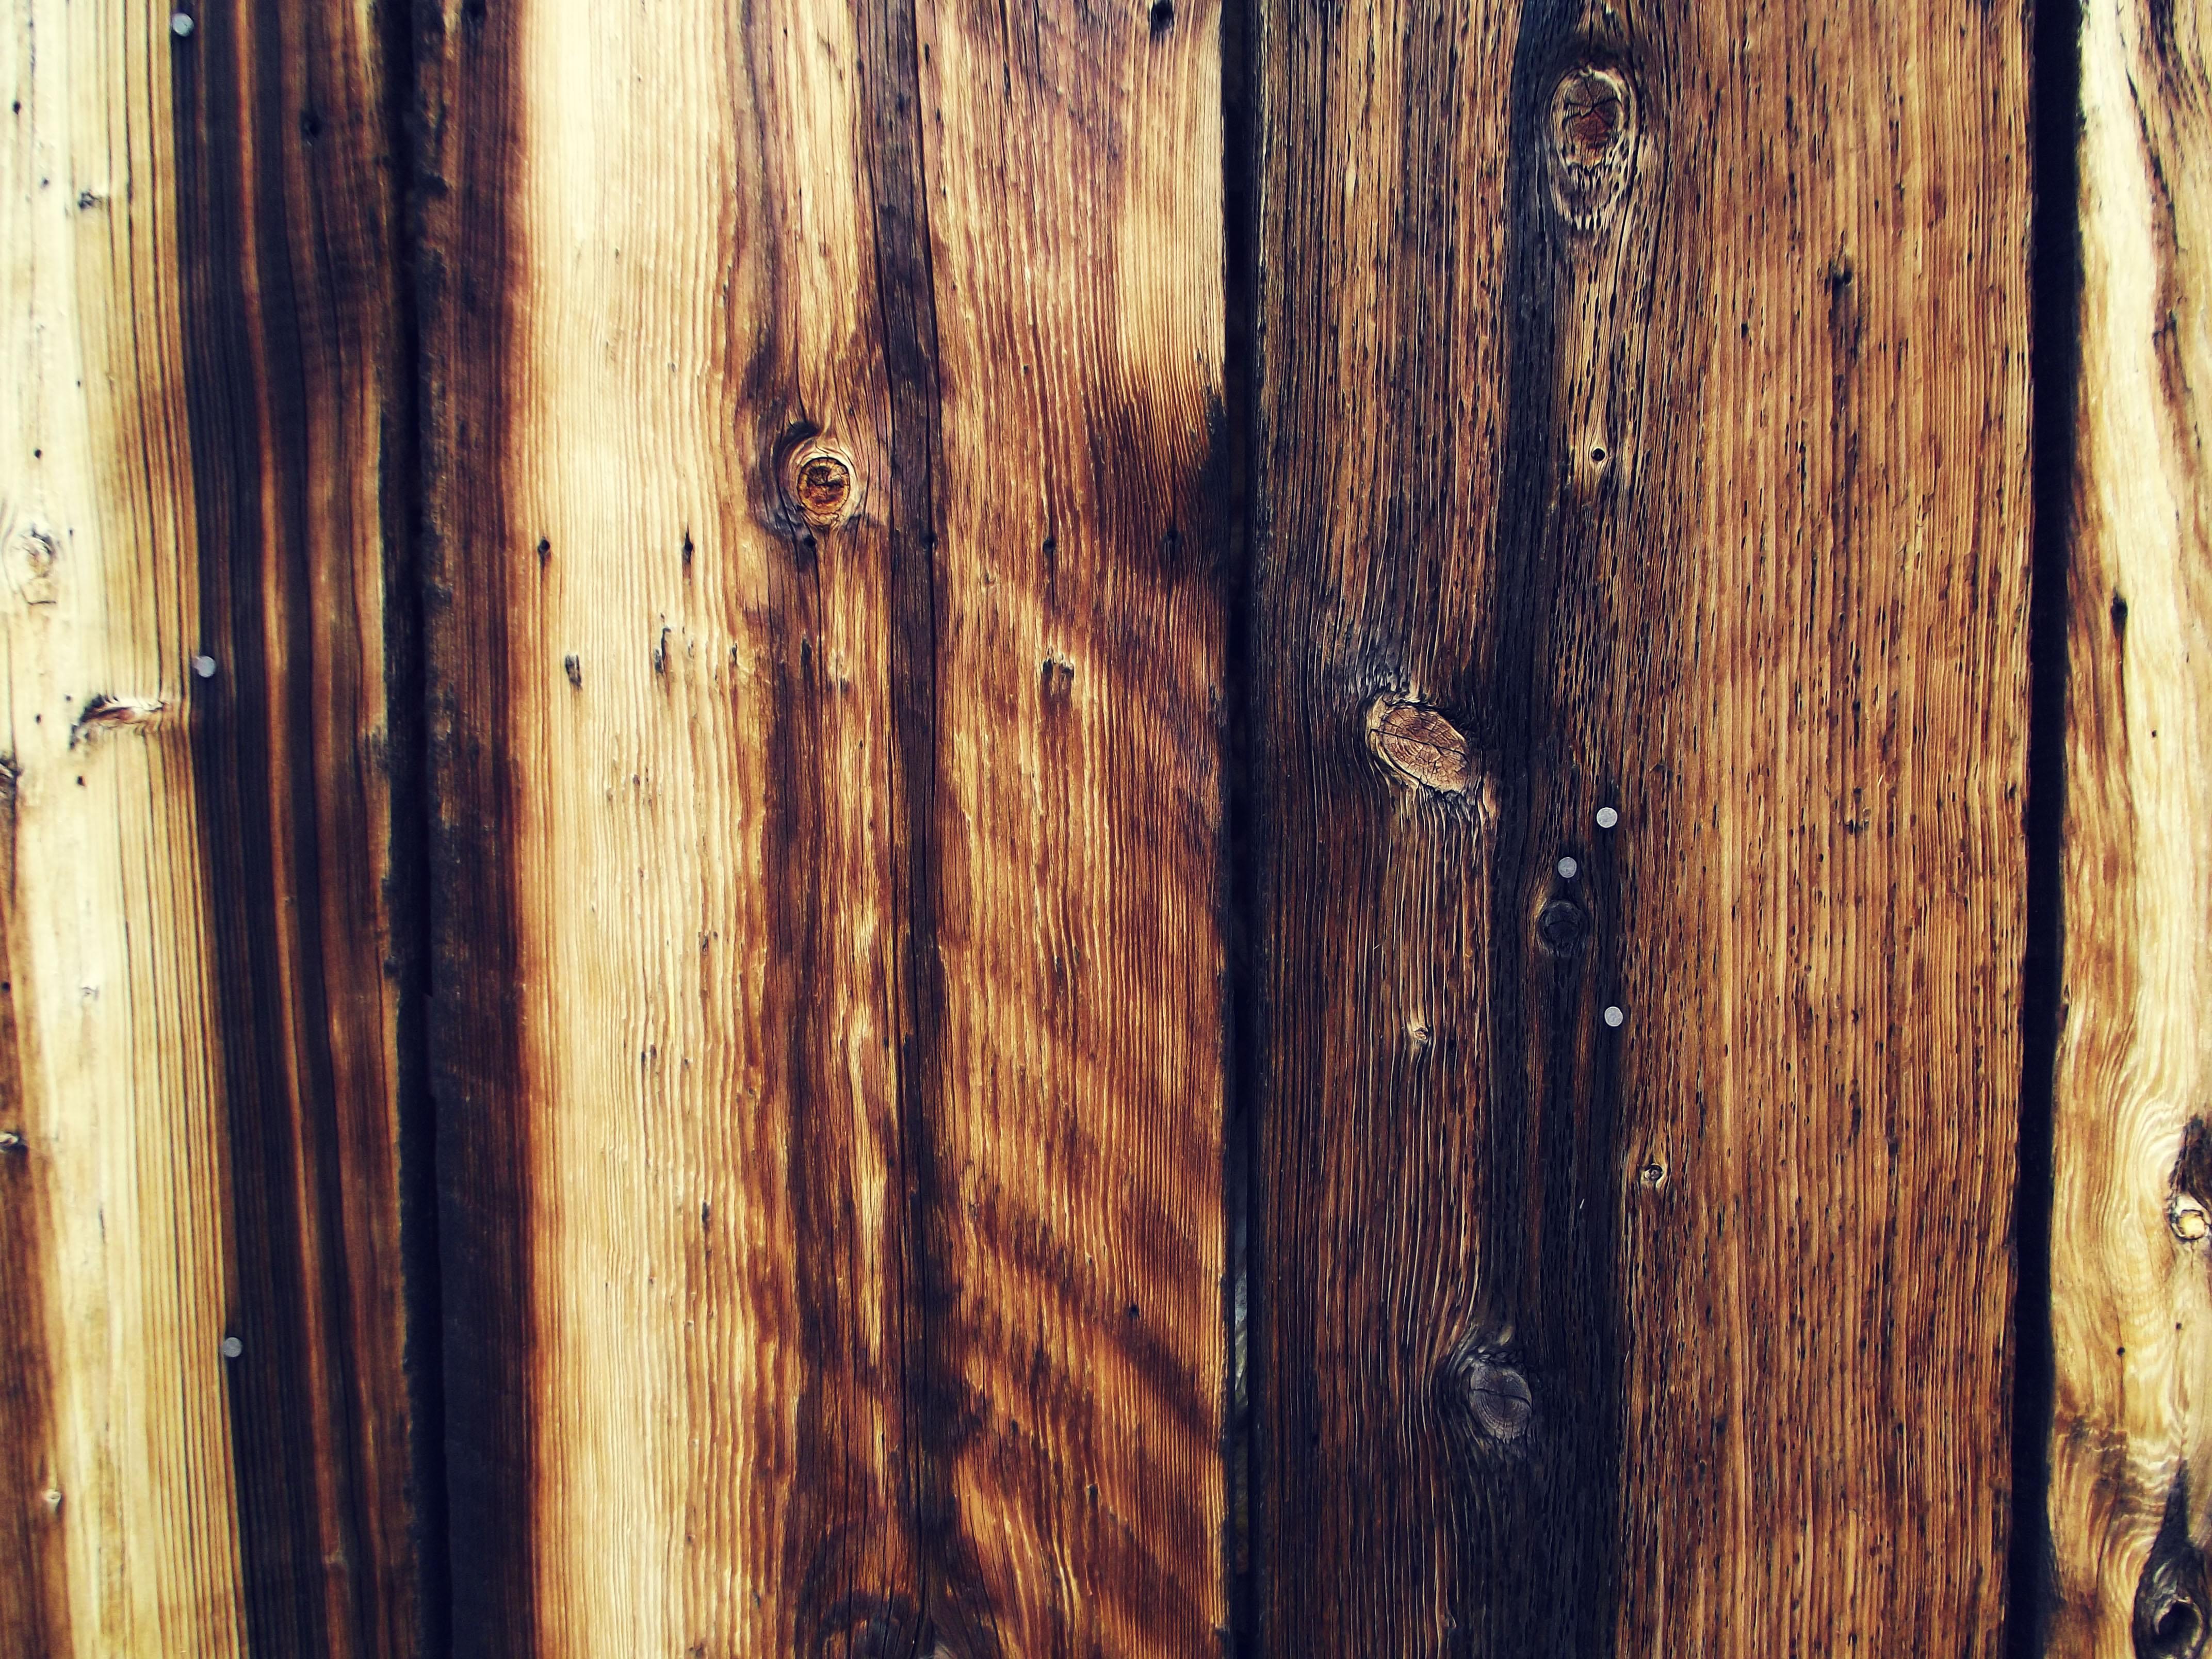 Barn Wood Looking Wallpaper - WallpaperSafari